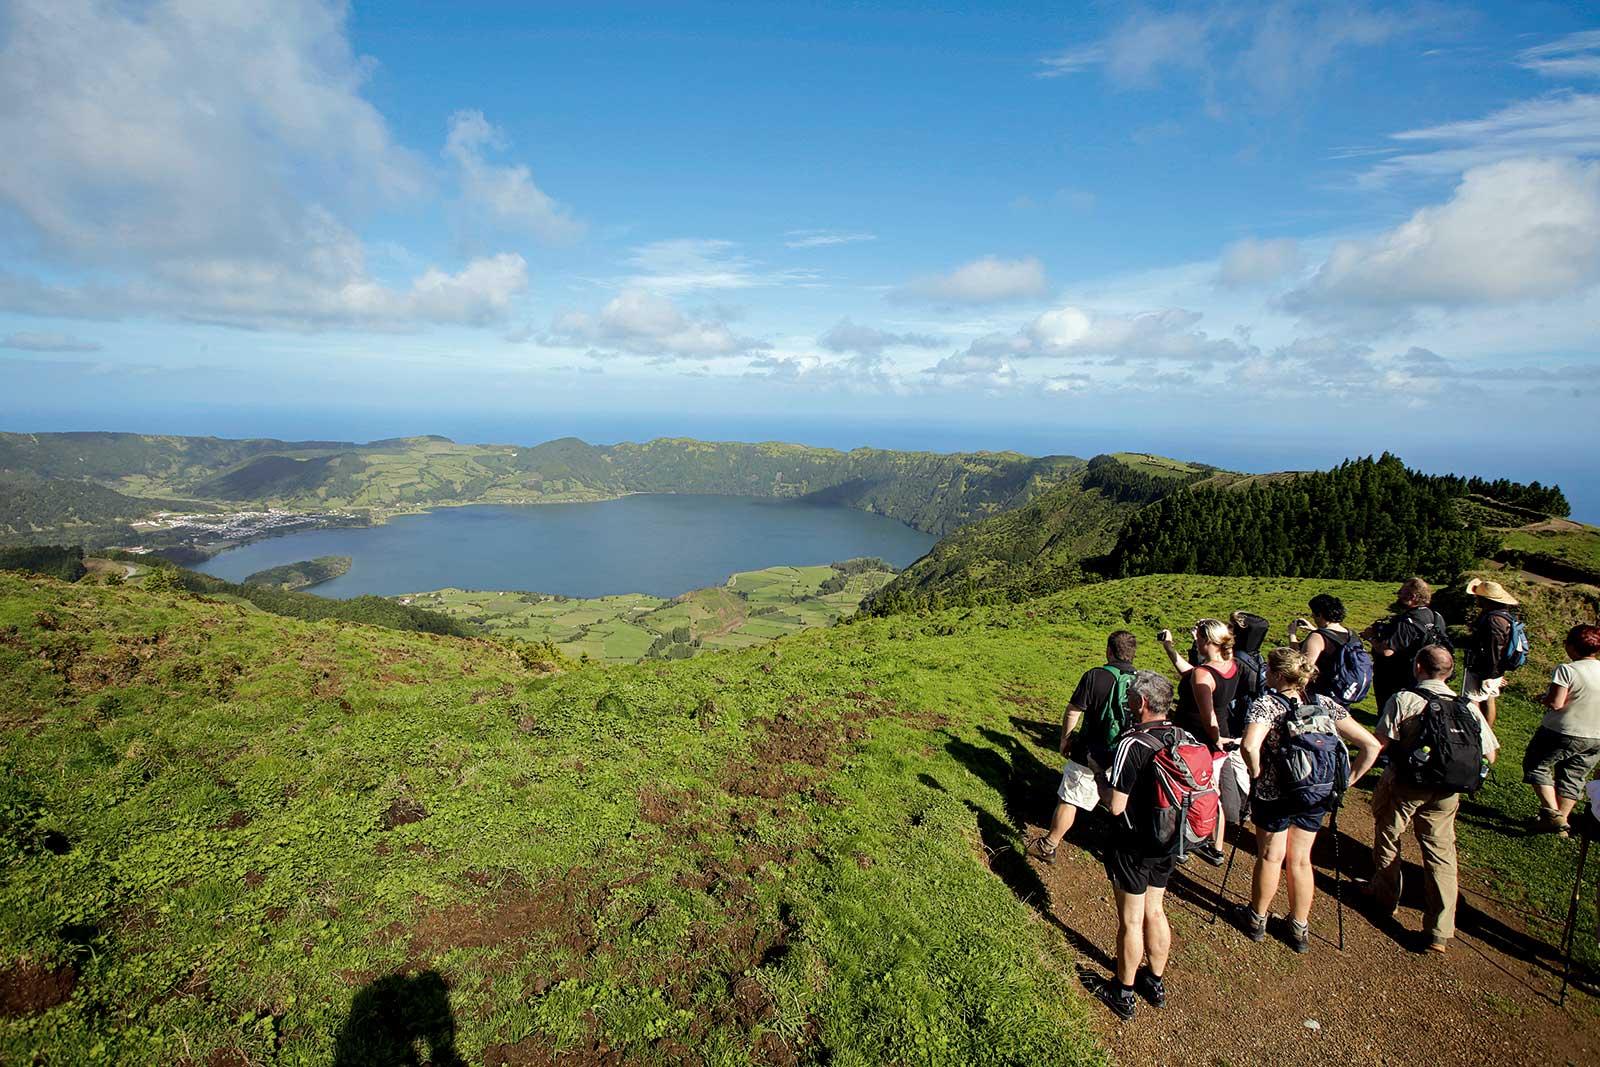 Randonnée Lagoa do Fogo sur l'île de São Miguel, l'un des plus beaux lacs des Açores